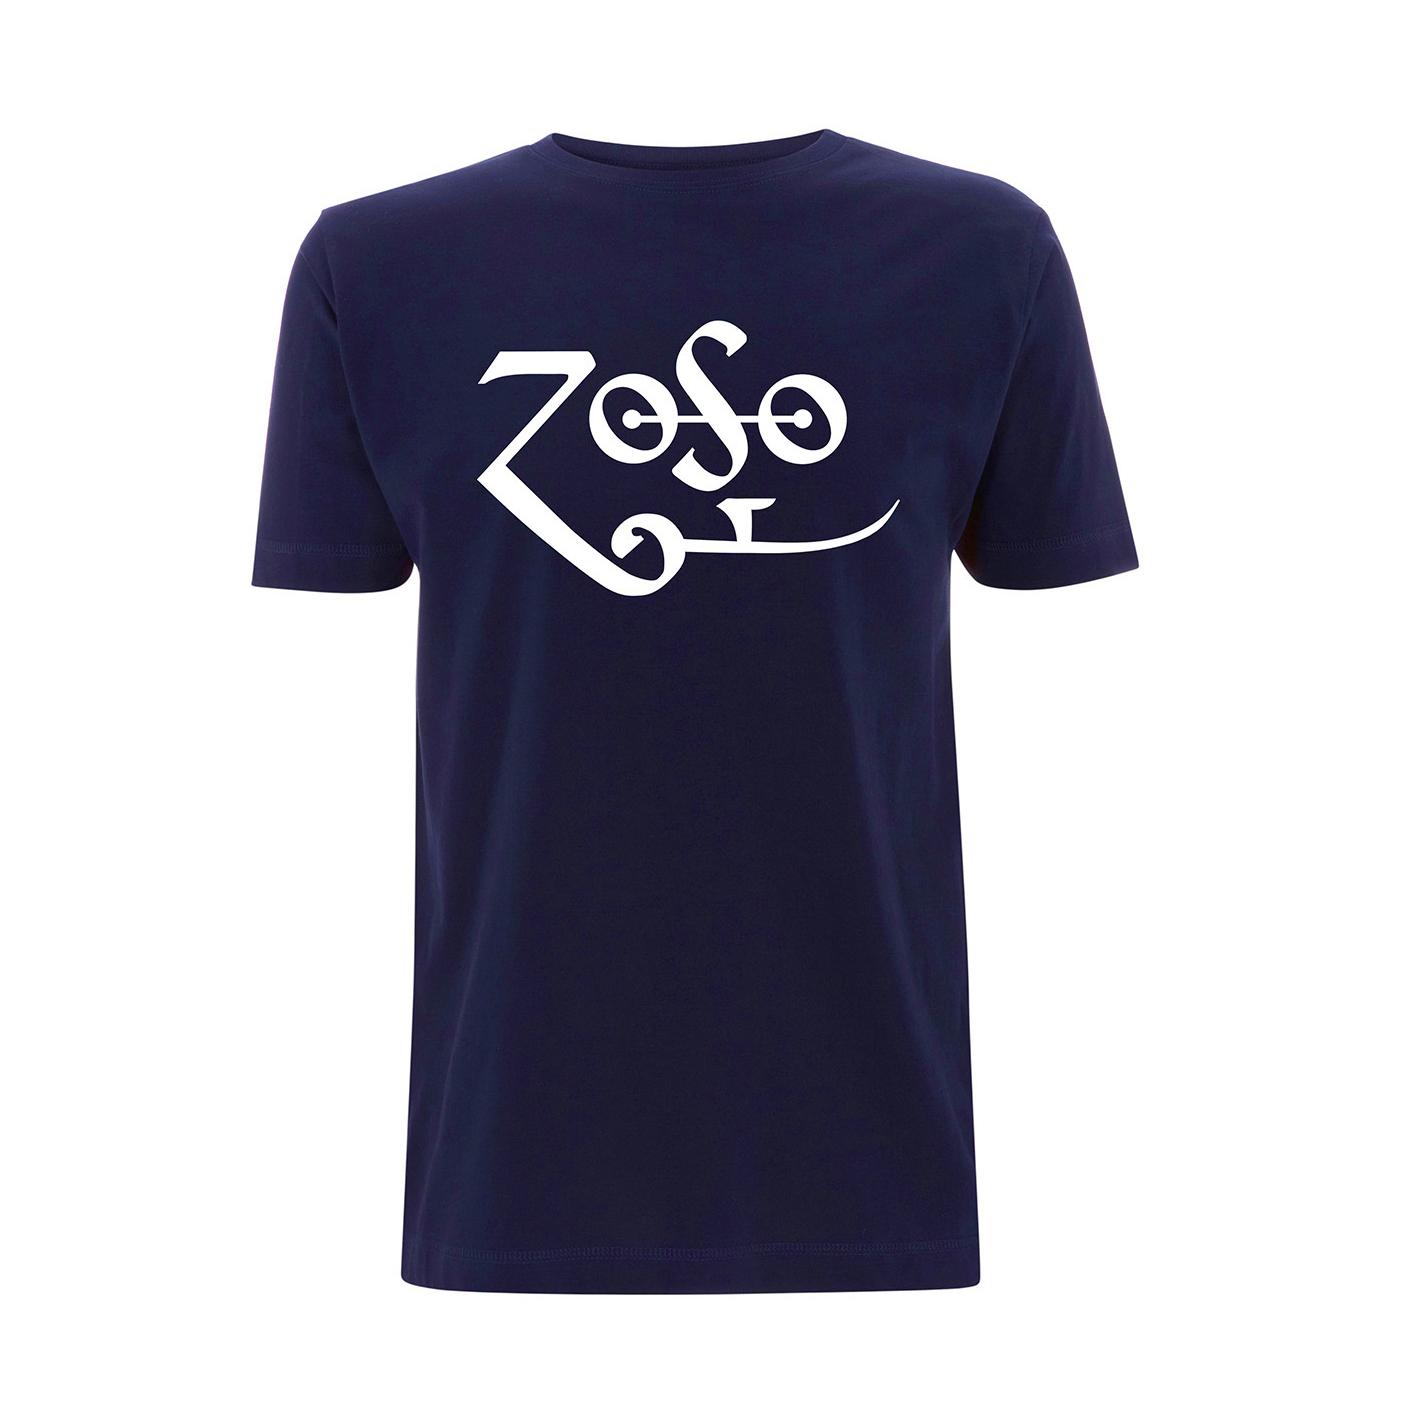 Classic Zoso T-Shirt (Navy)